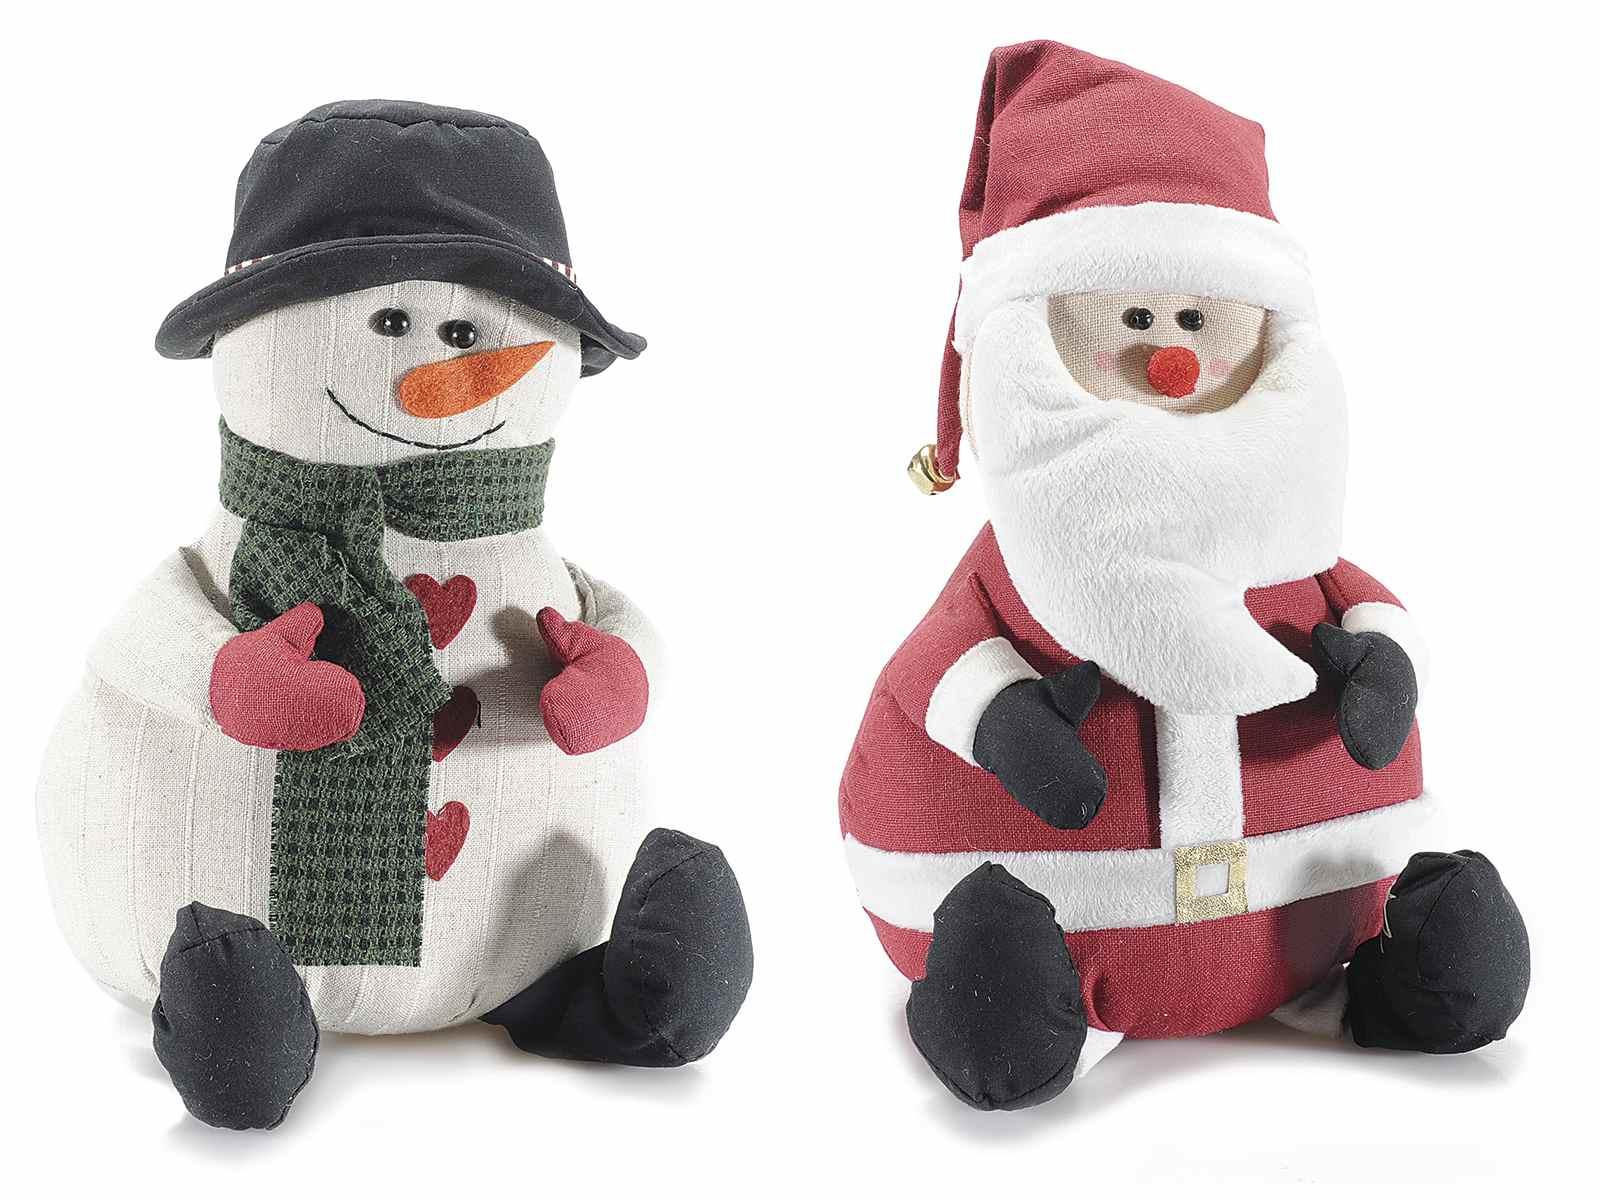 Favorito Fermaporta Babbo Natale/pupazzo di neve in stoffa imbottita (56.27  WT68